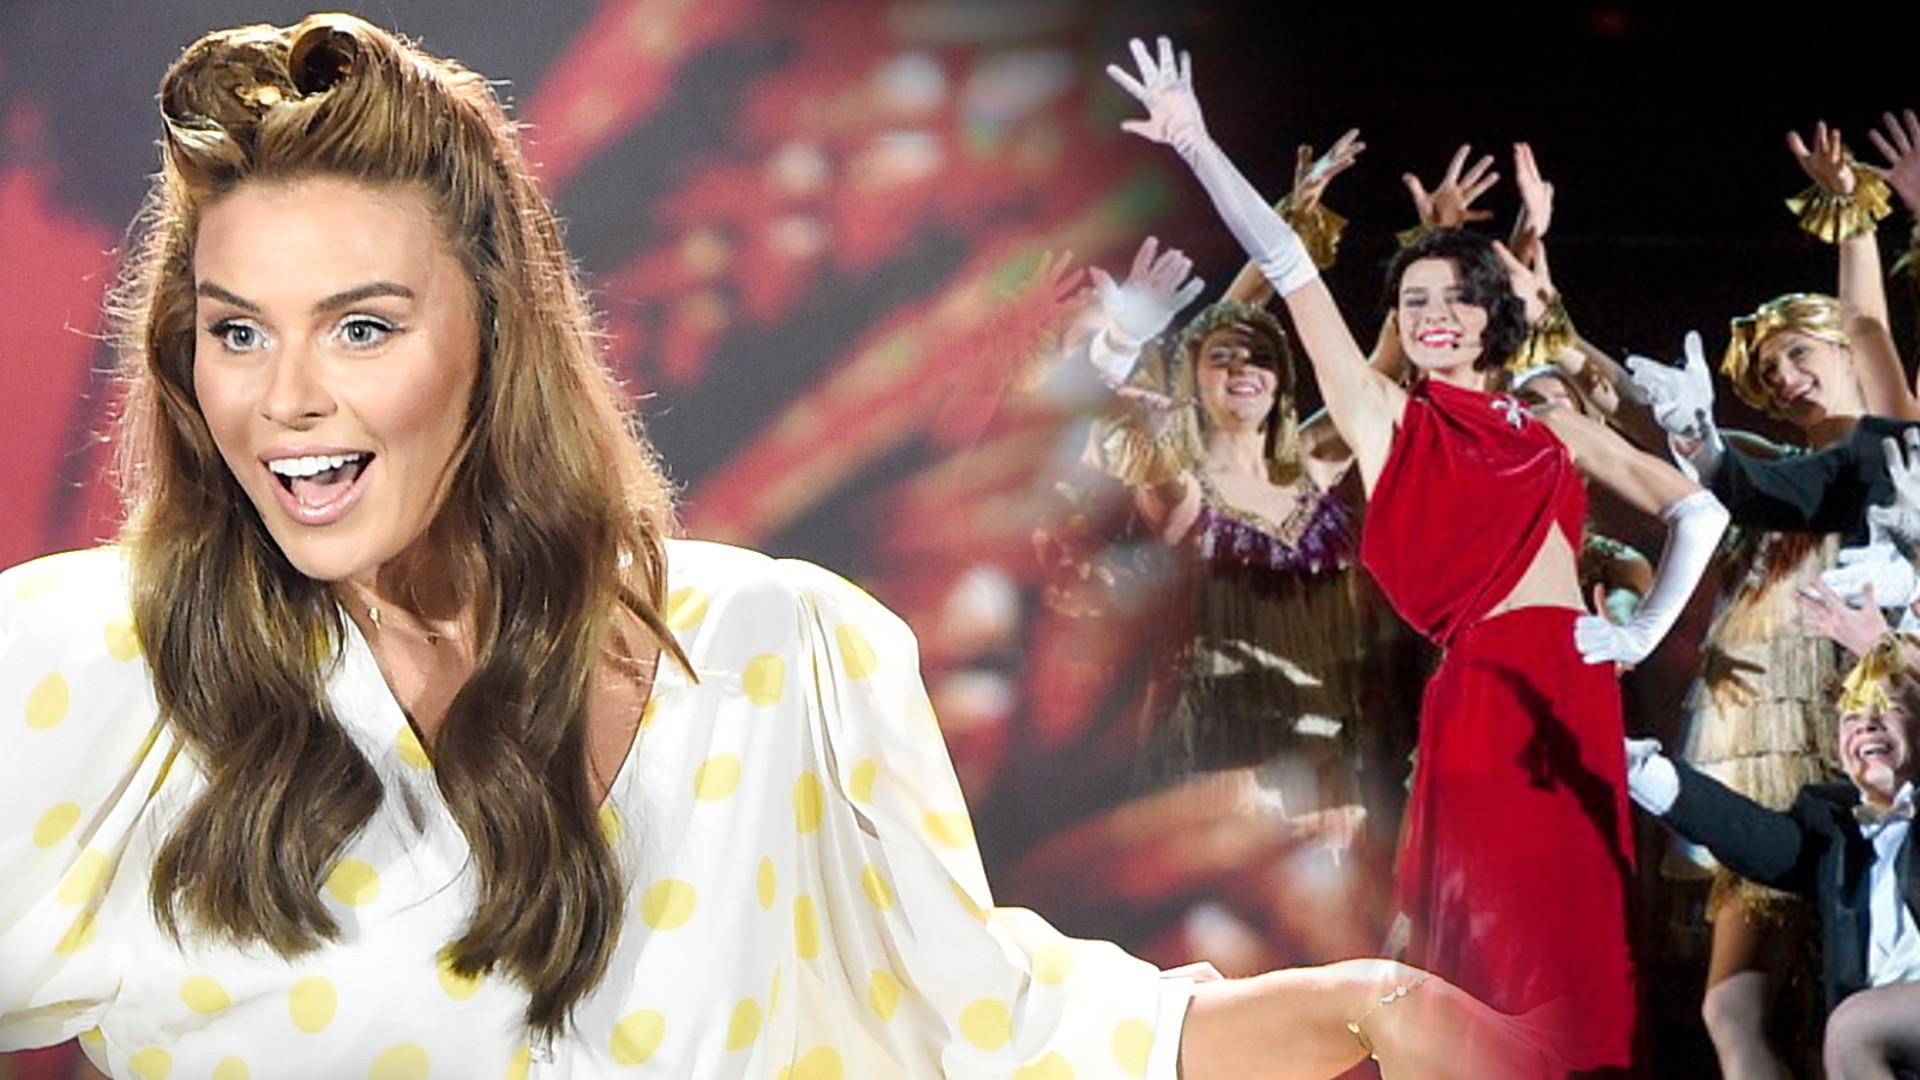 Natasza Urbańska będzie gwiazdą specjalnego koncertu – twórcy wykonają wspólnie pieśń po białorusku